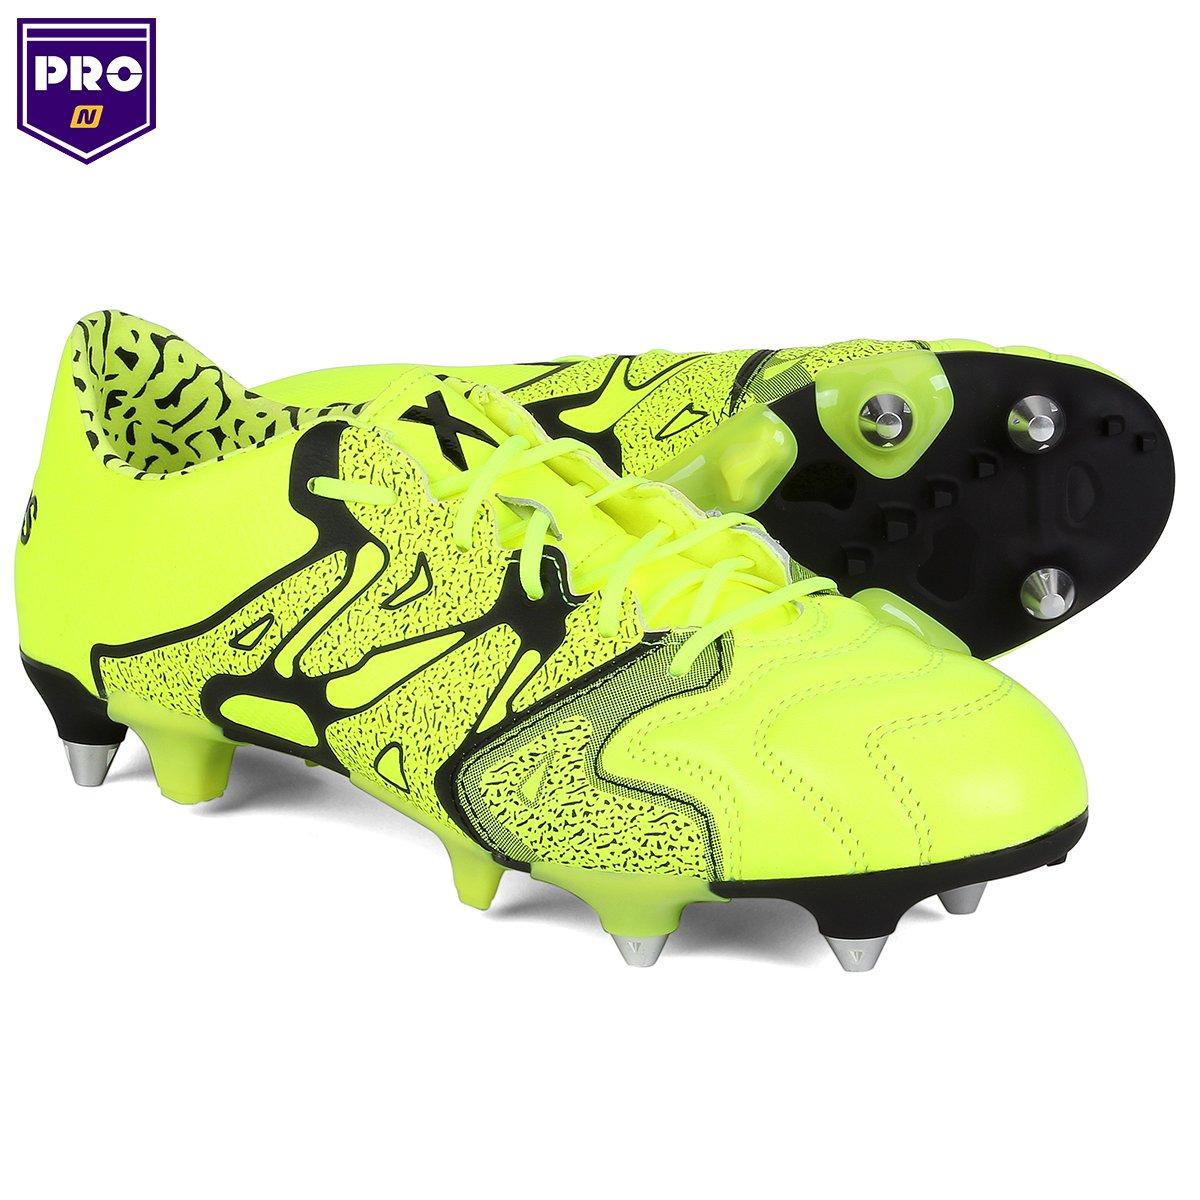 Chuteira Campo Adidas X 15.1 Cour SG Masculina - Compre Agora  ee1914445fc8b